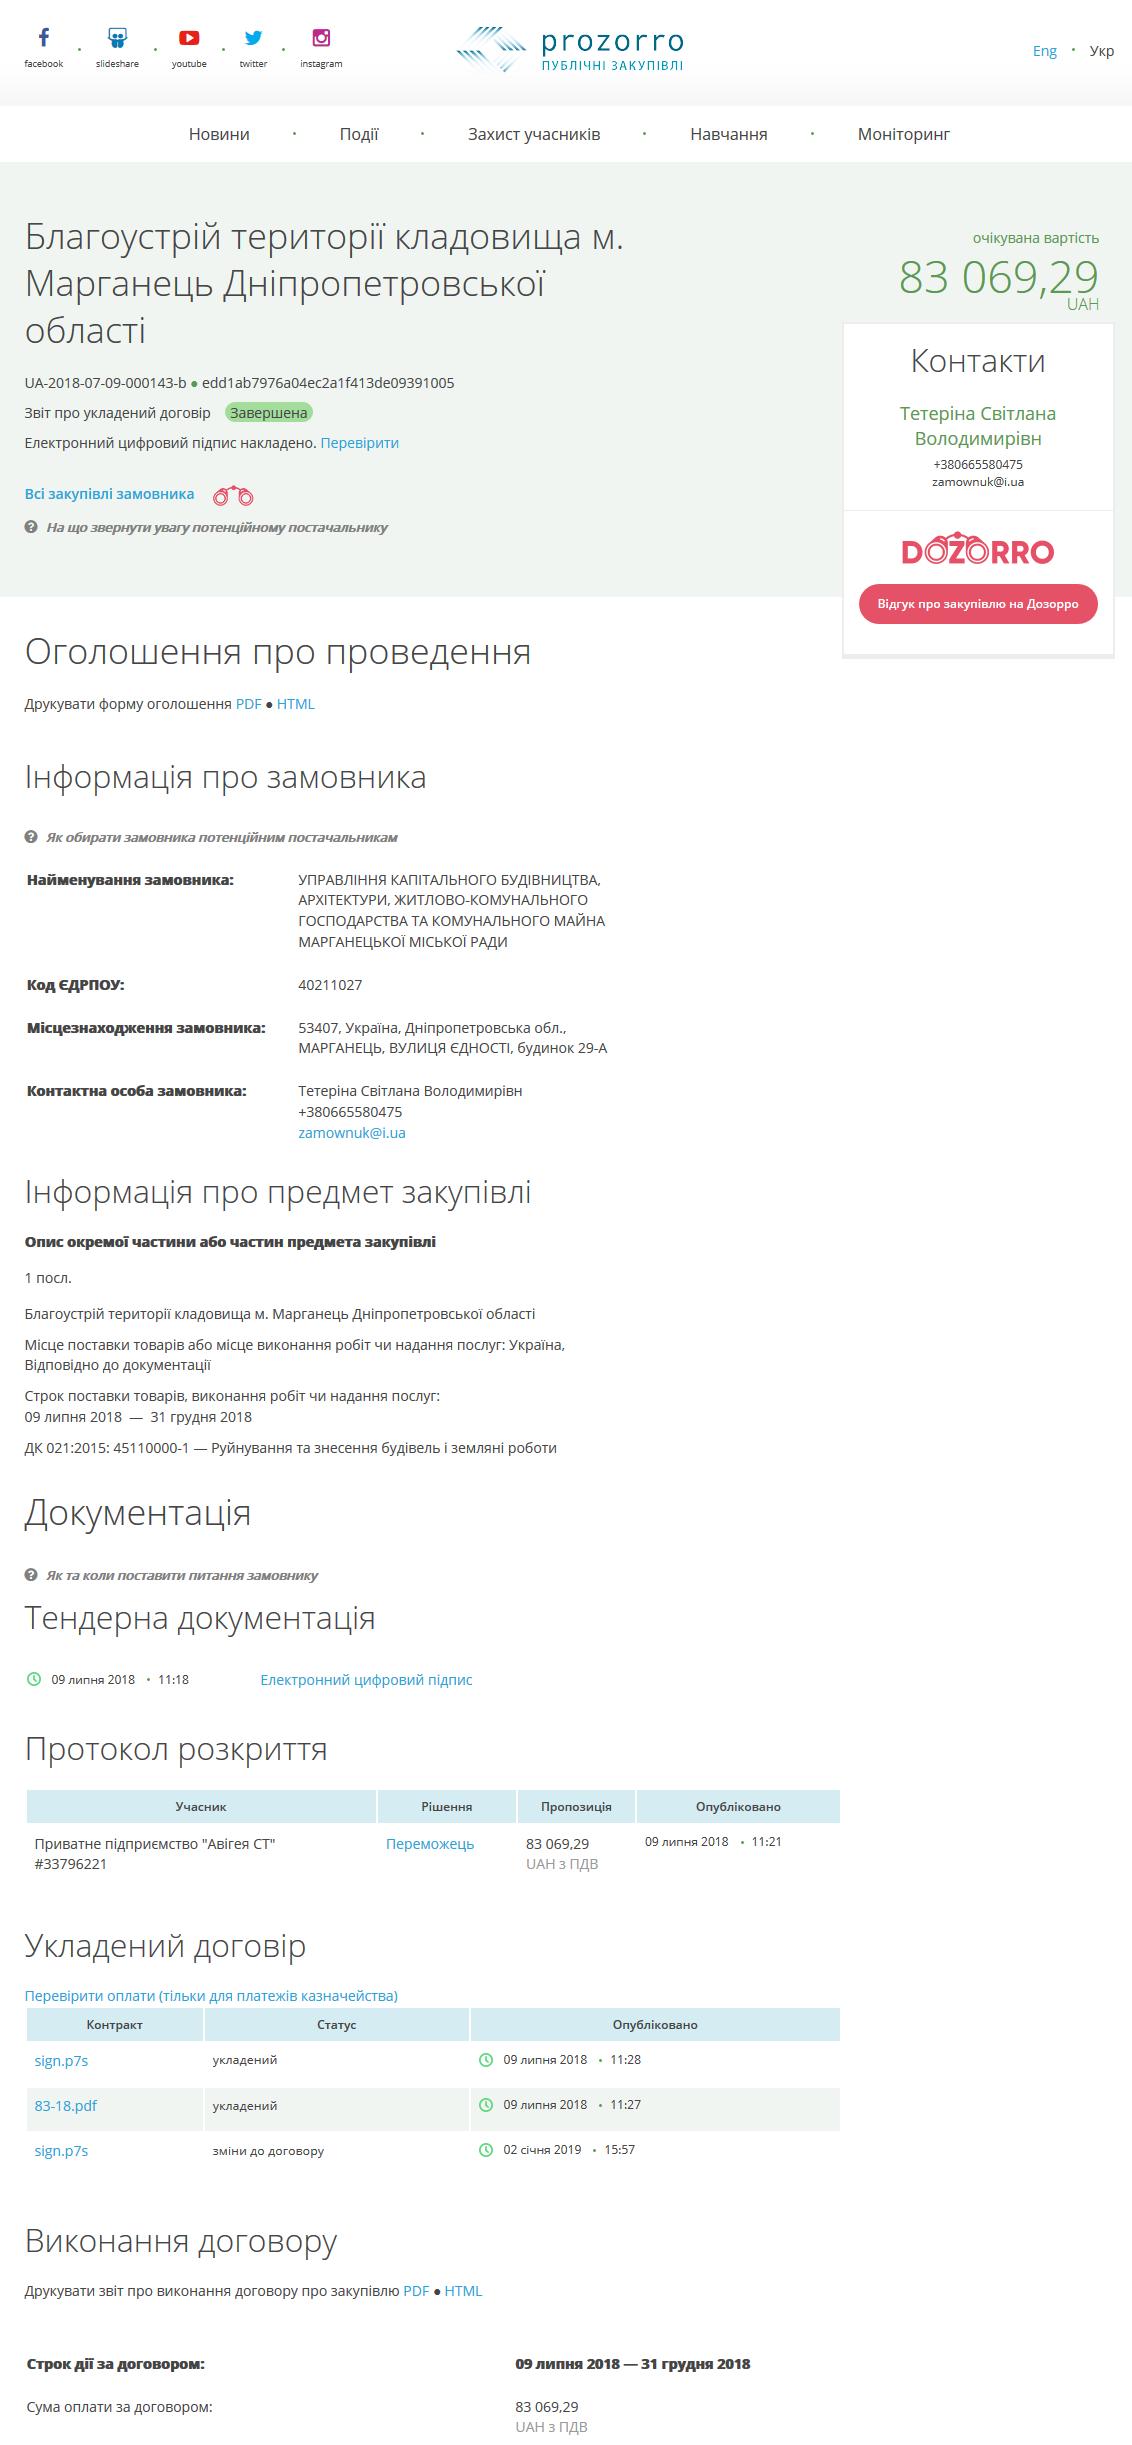 Screenshot_2019-01-03 Благоустрій території кладовища м Марганець Дніпропетровської області